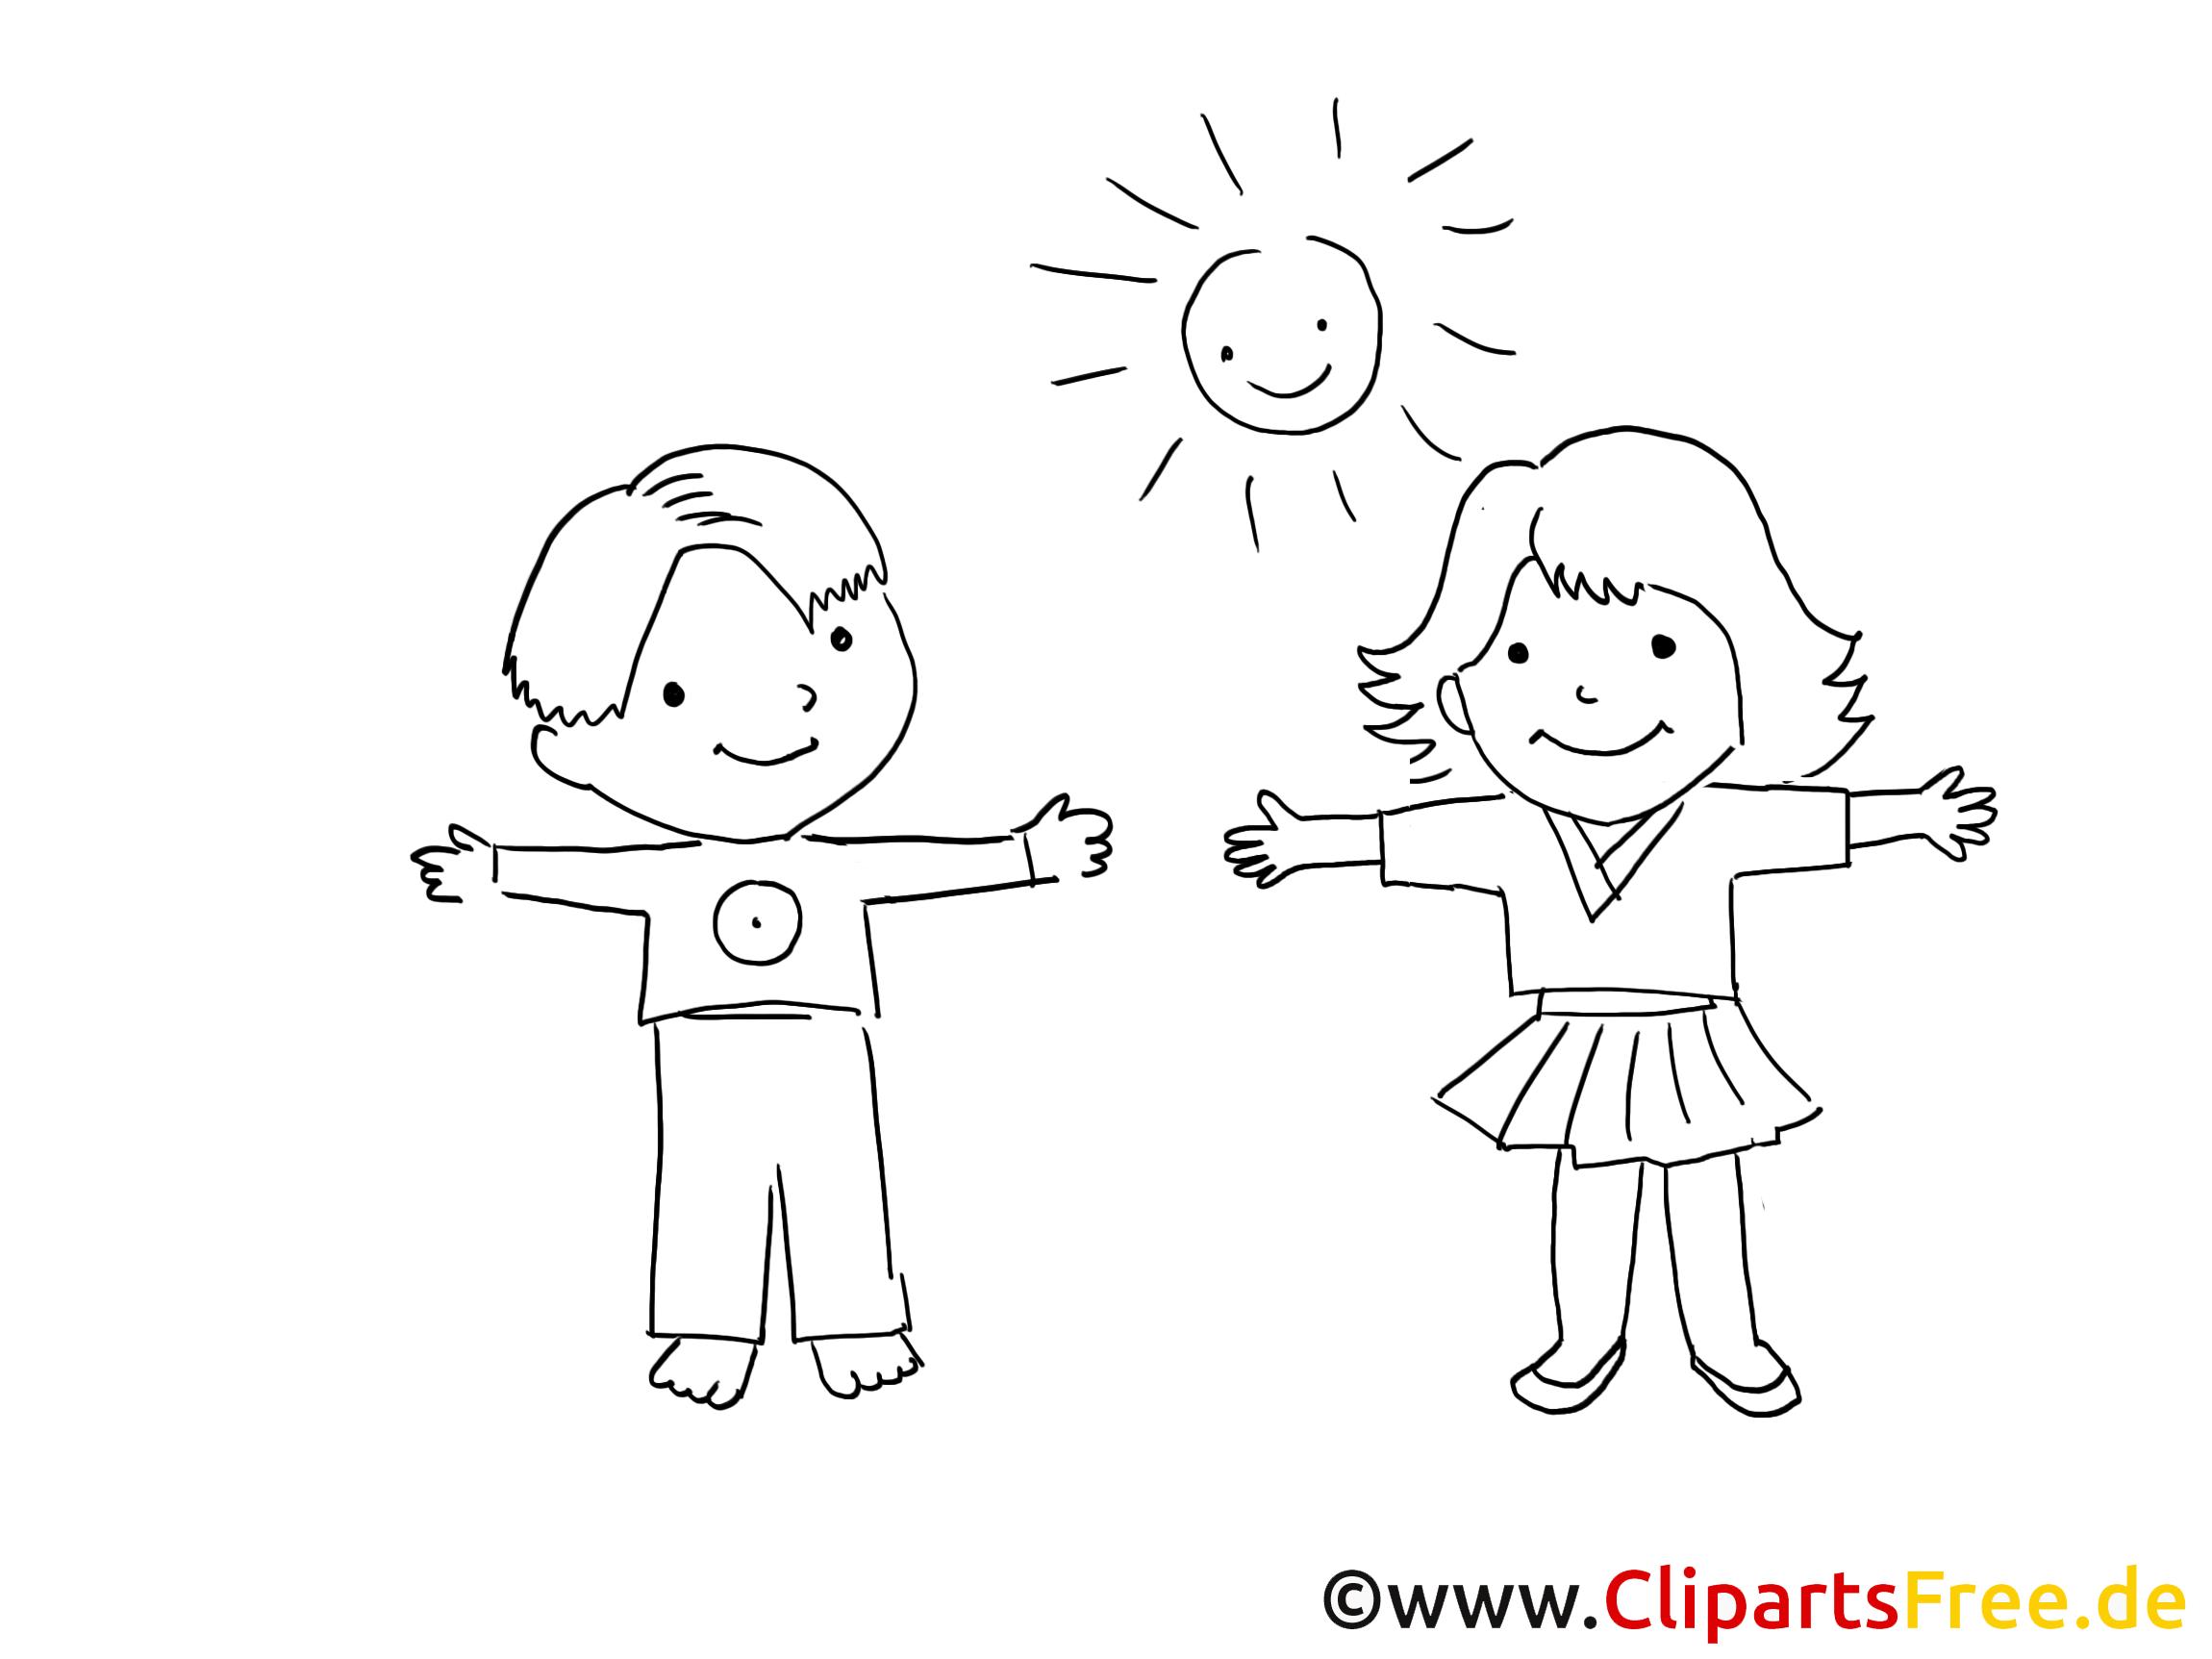 Schule clipart schwarz weiß  Kinder spielen im Garten Bild schwarz-weiss zum Ausmalen, Clipart ...